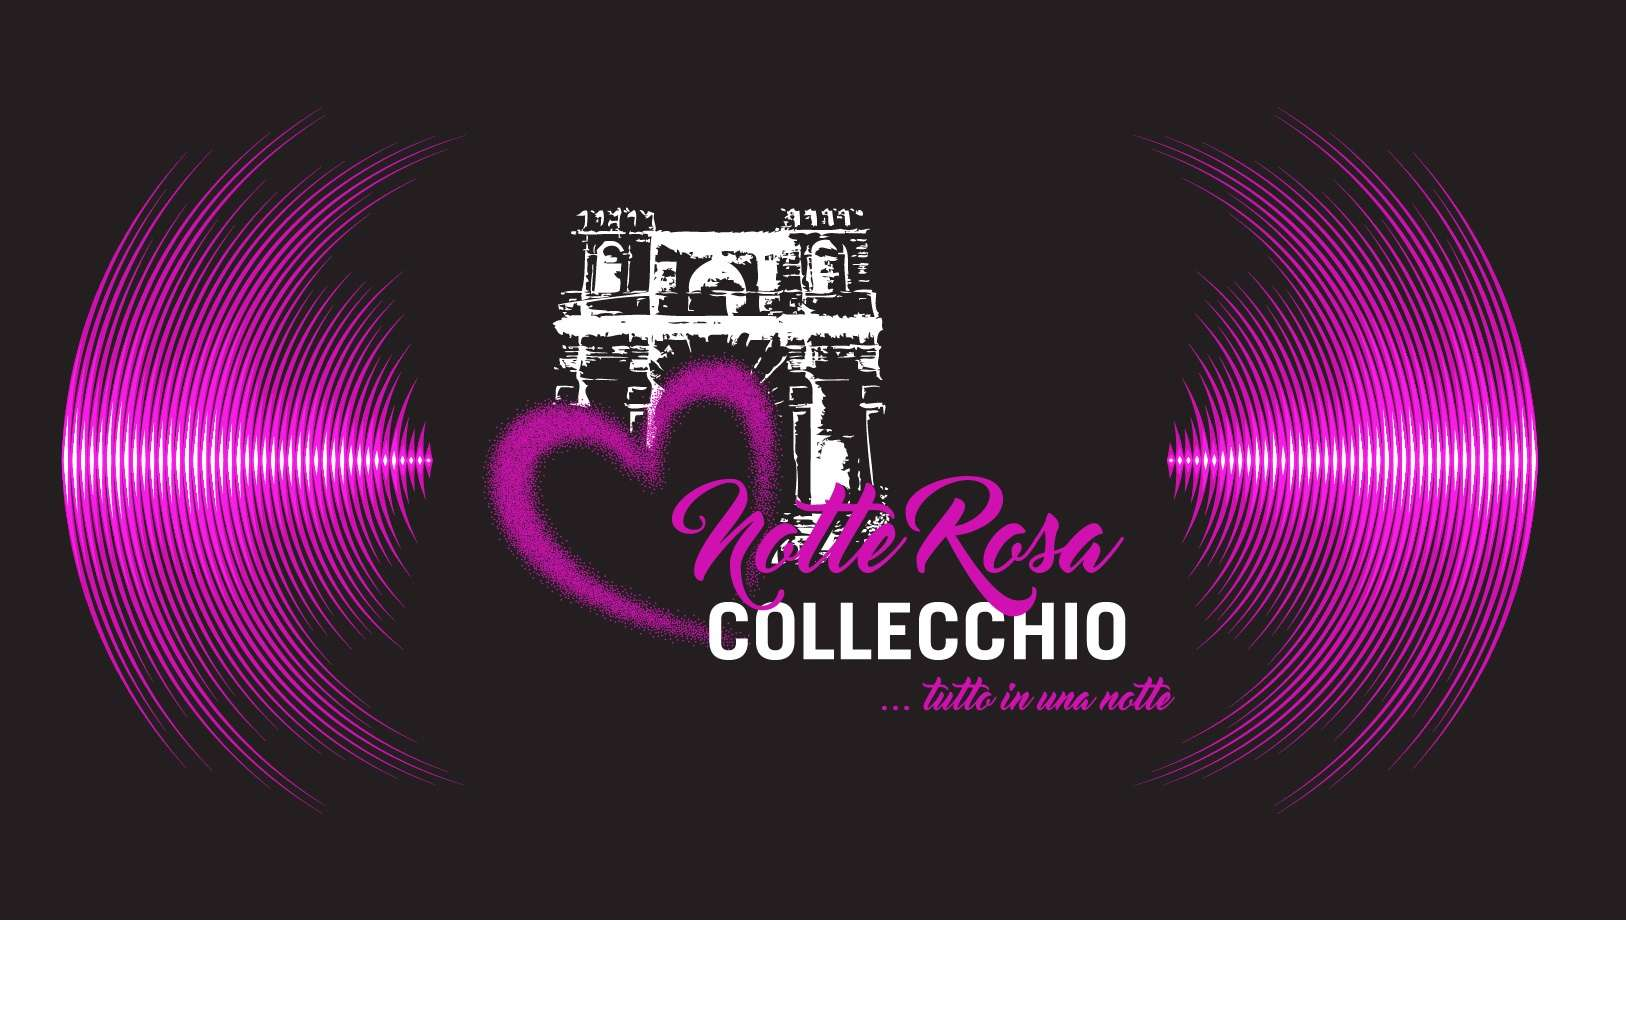 Notte Rosa a Collecchio - 27 Maggio 2017 con Max Testa 16665010